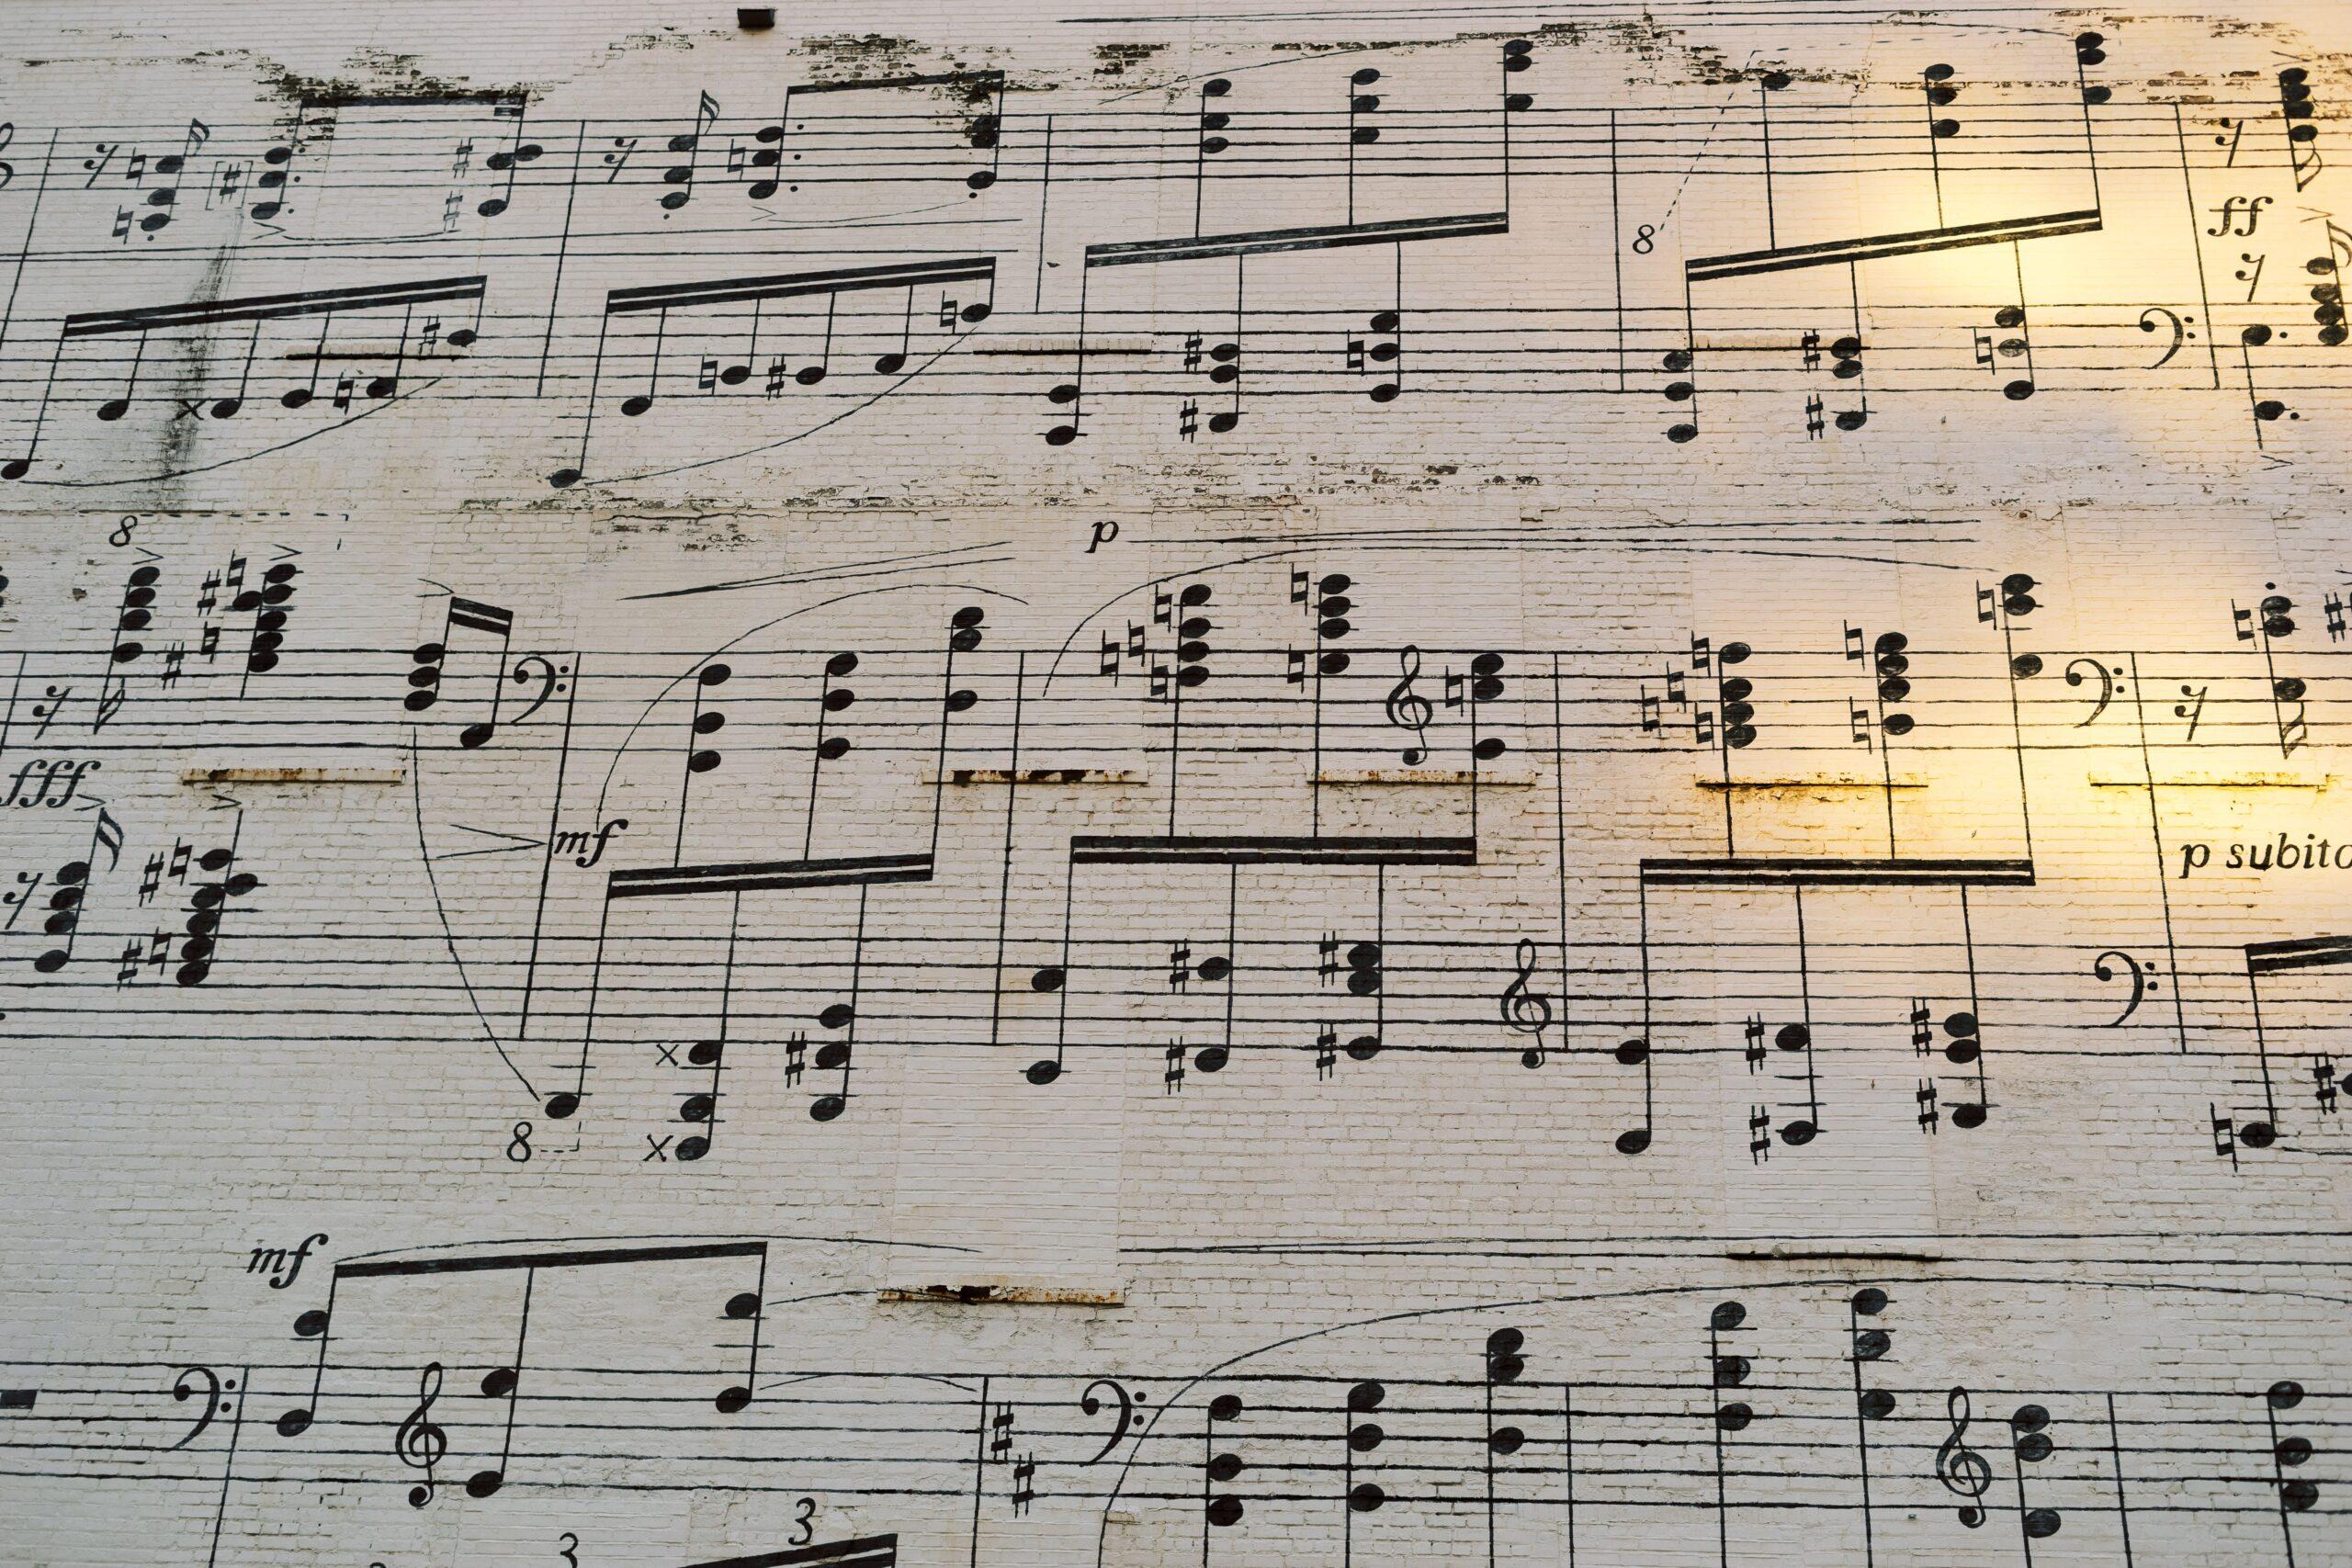 Музыкальная импровизация: основные положения и базовые подходы